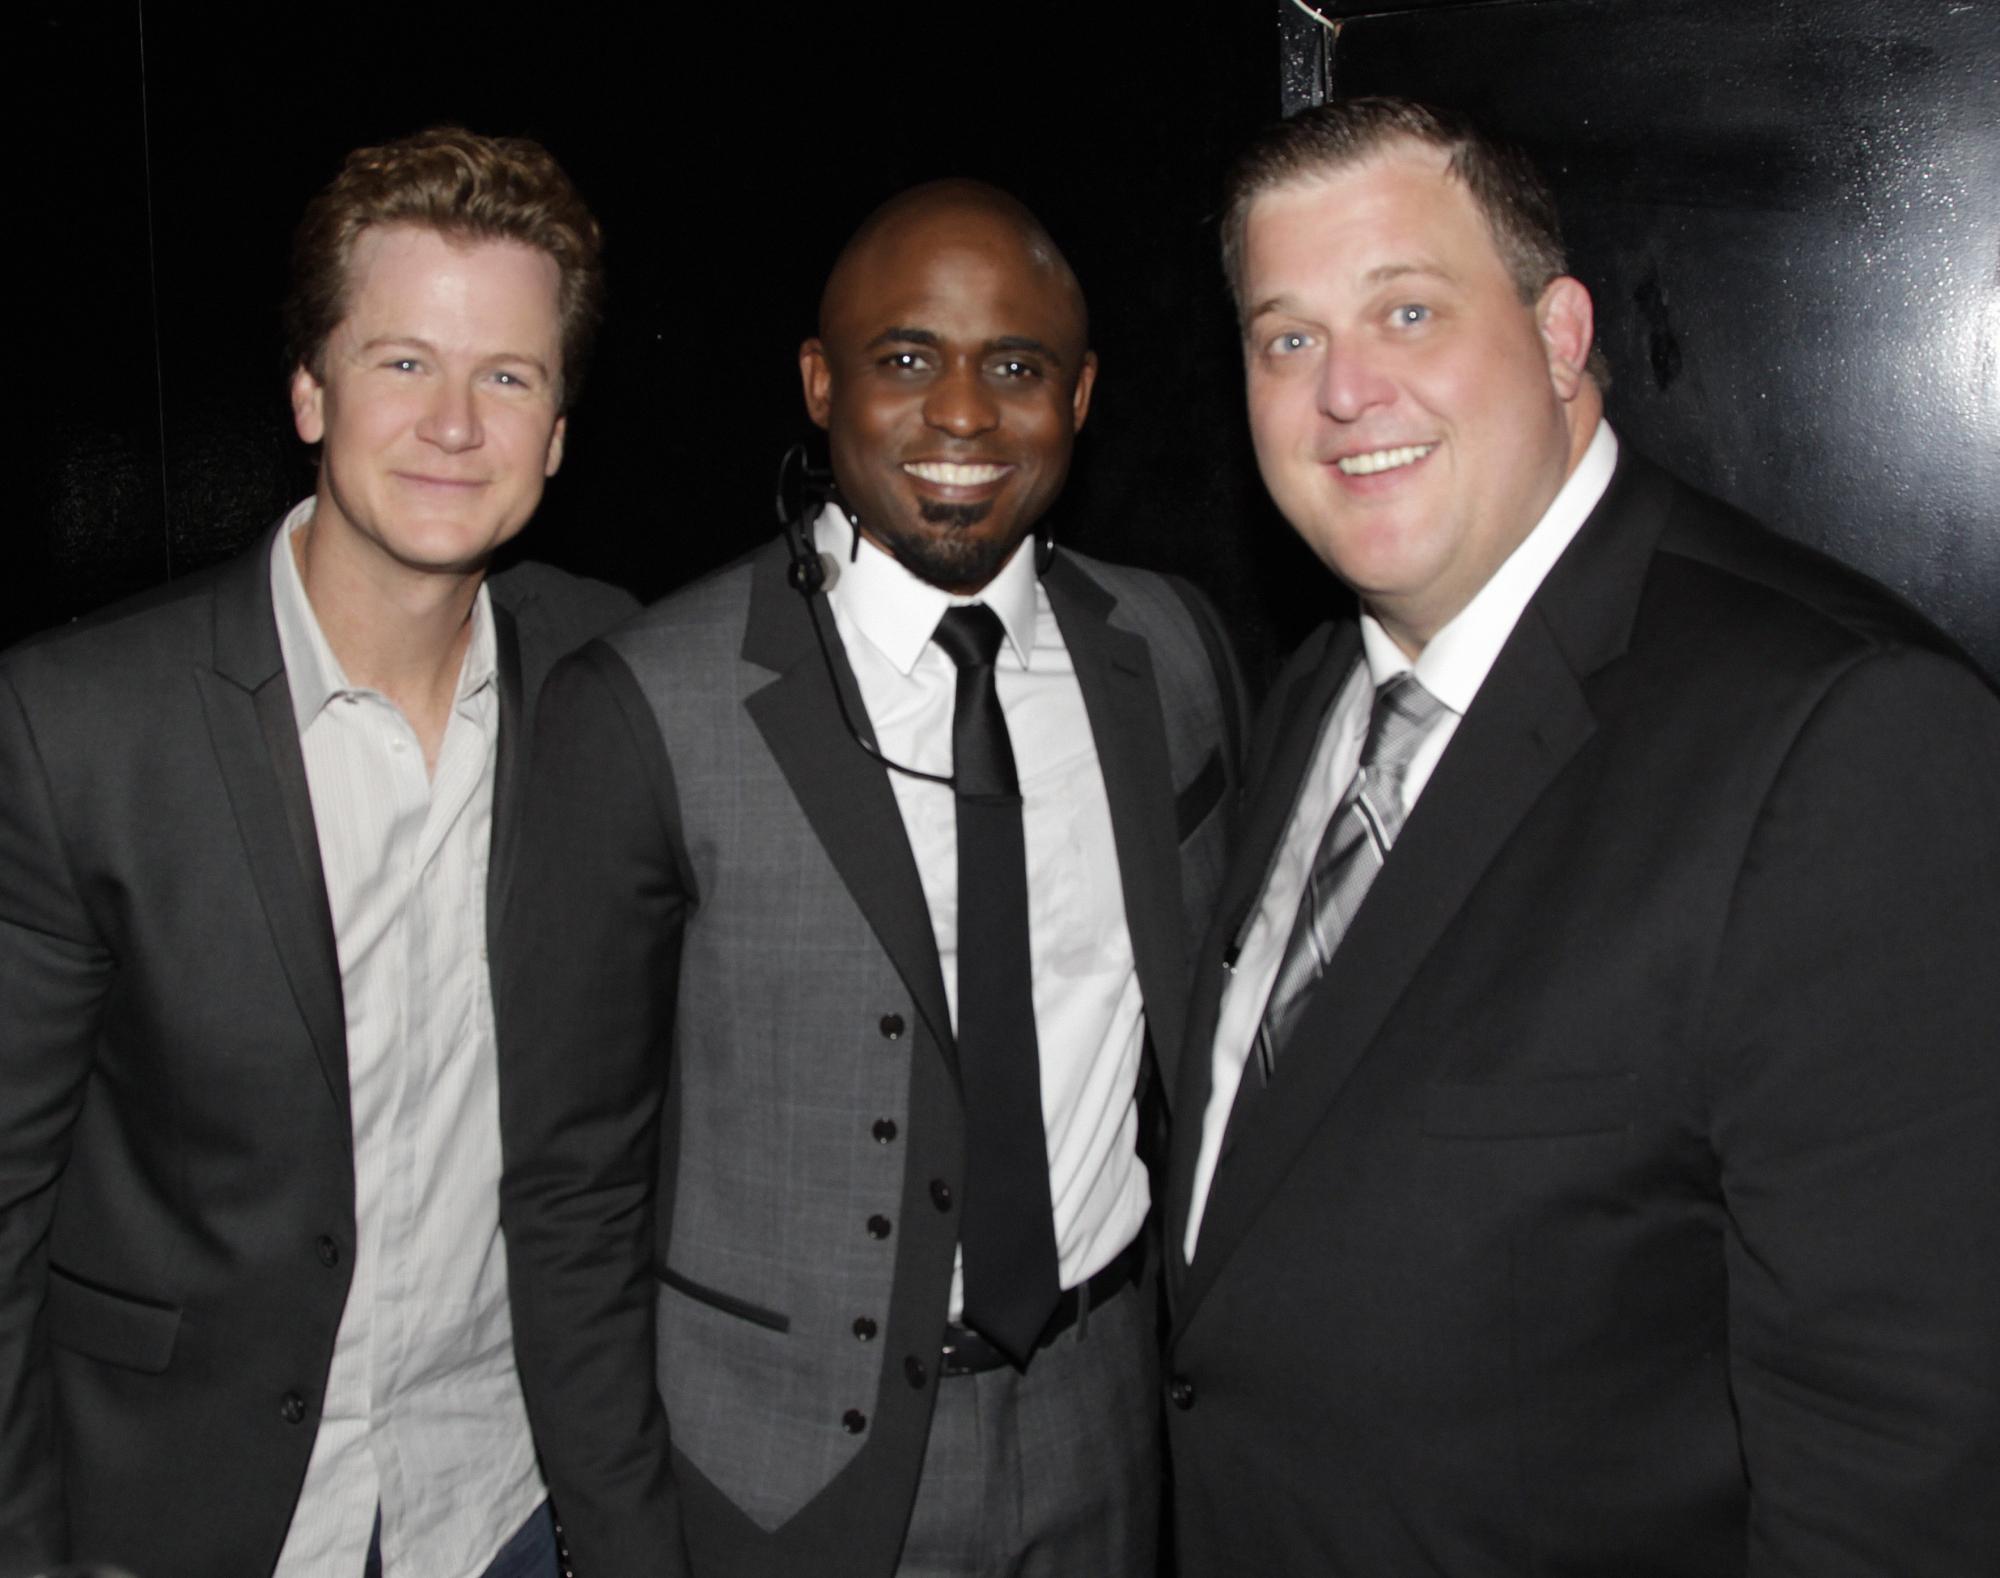 Jonathan, Wayne, and Billy